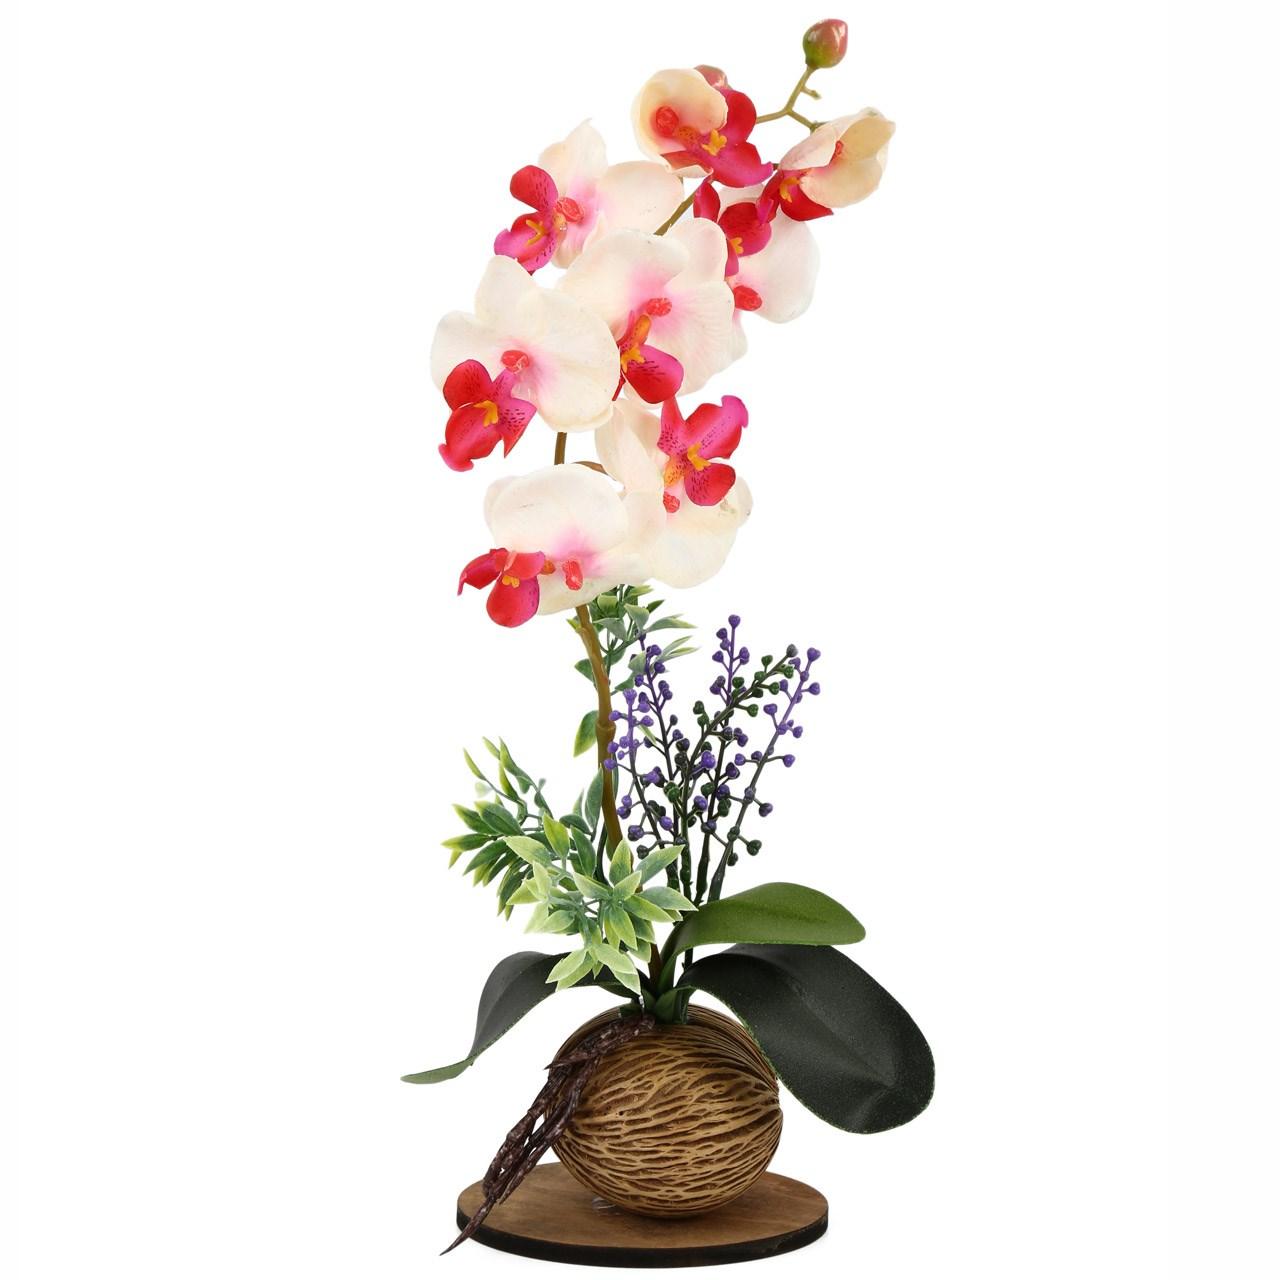 گلدان به همراه گل مصنوعی هومز طرح ارکیده مدل 35190